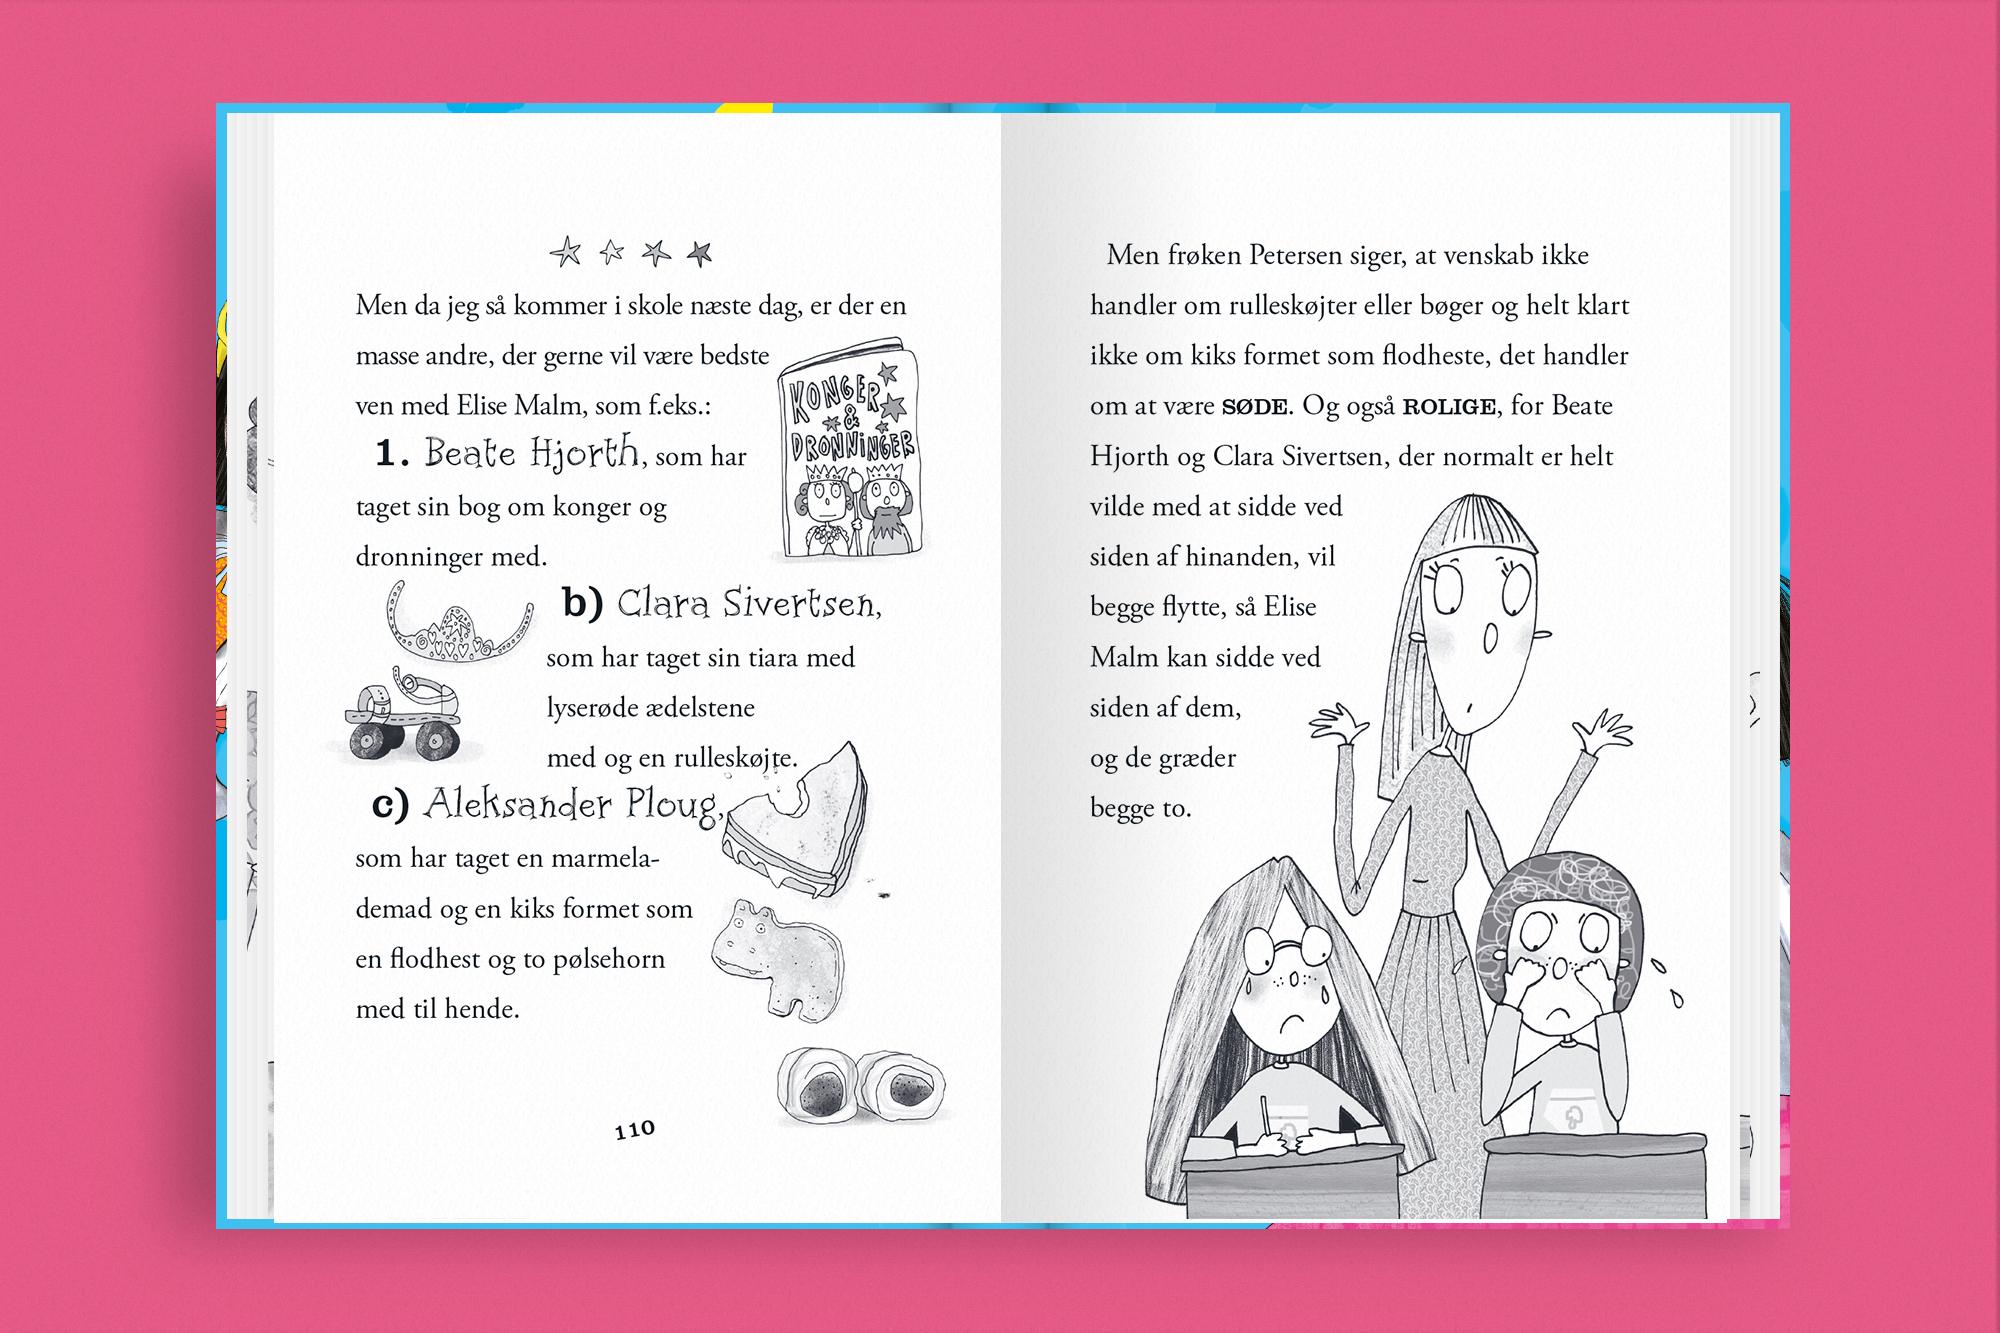 bogtilrettelaegning-bogopsaetning-boerneboger-grafiker-malene-hald-9